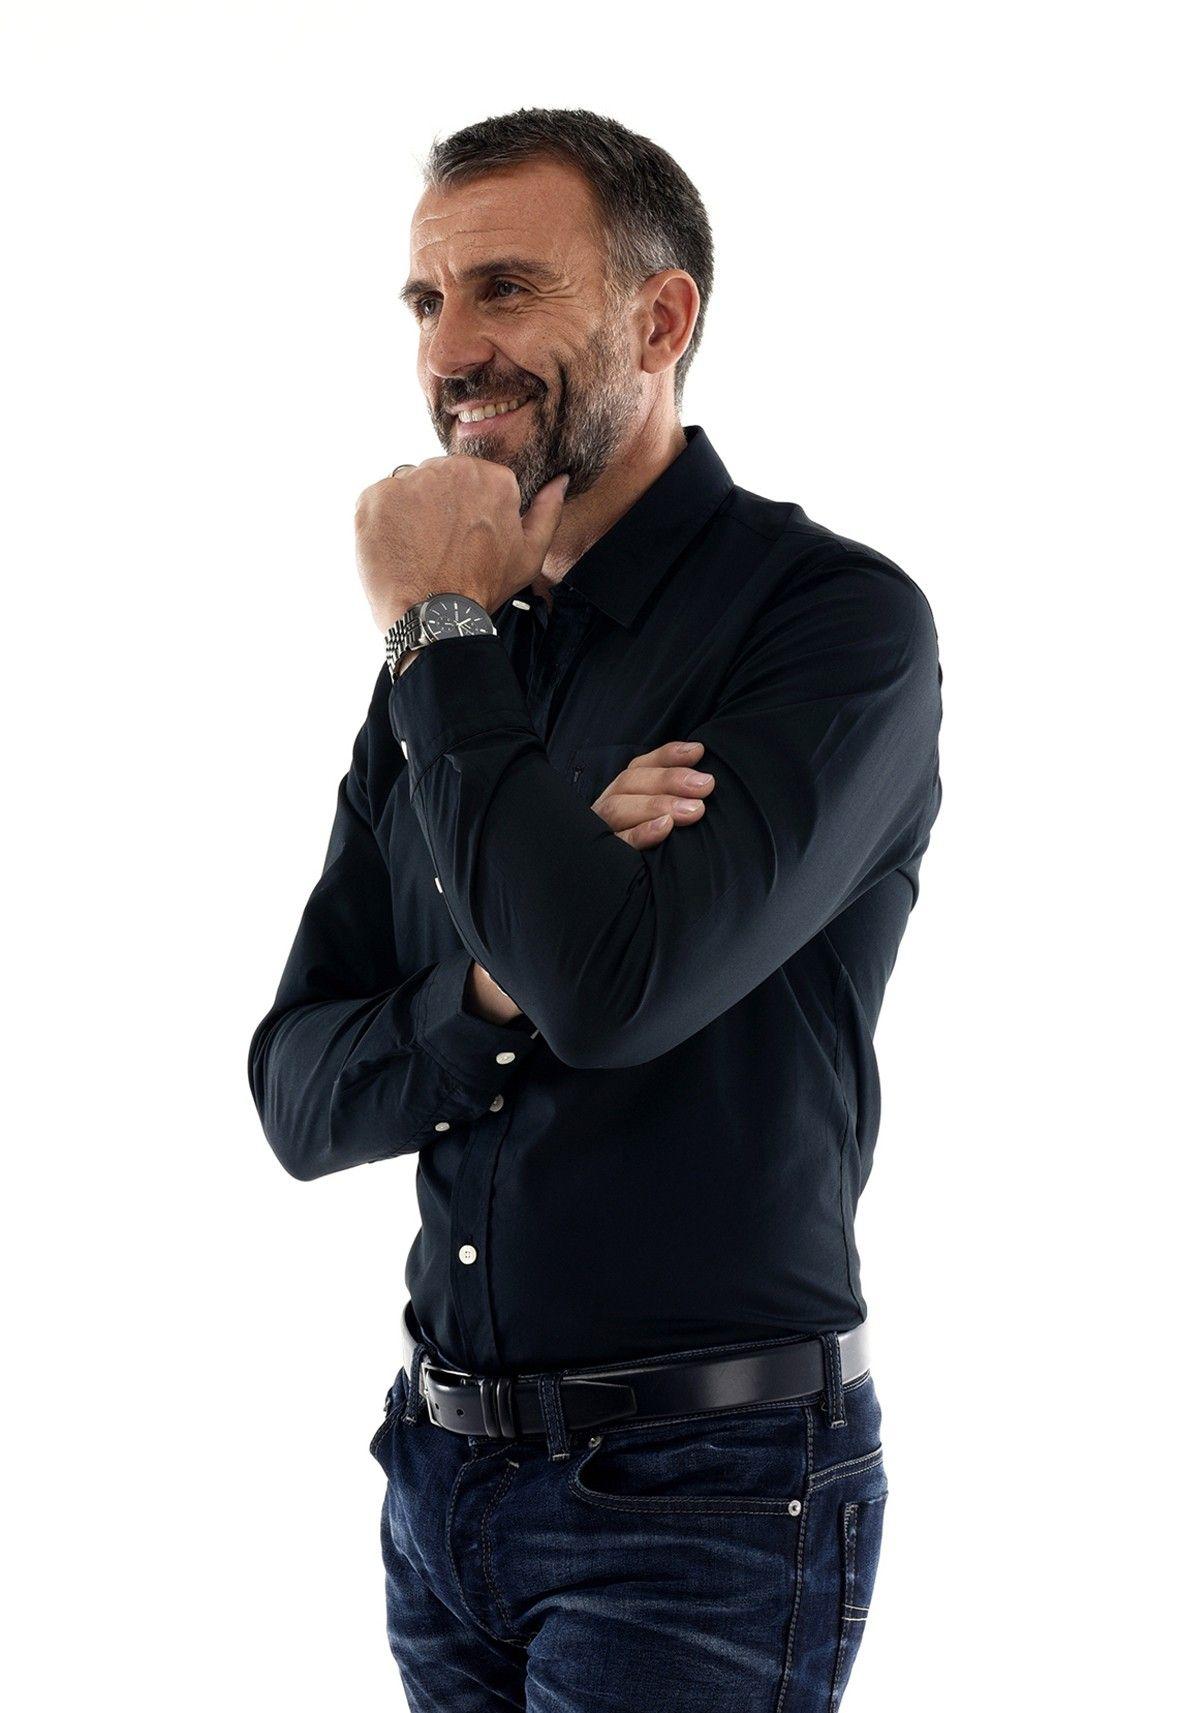 Chemise Homme noire style business   habillé en popeline - couleur noir -